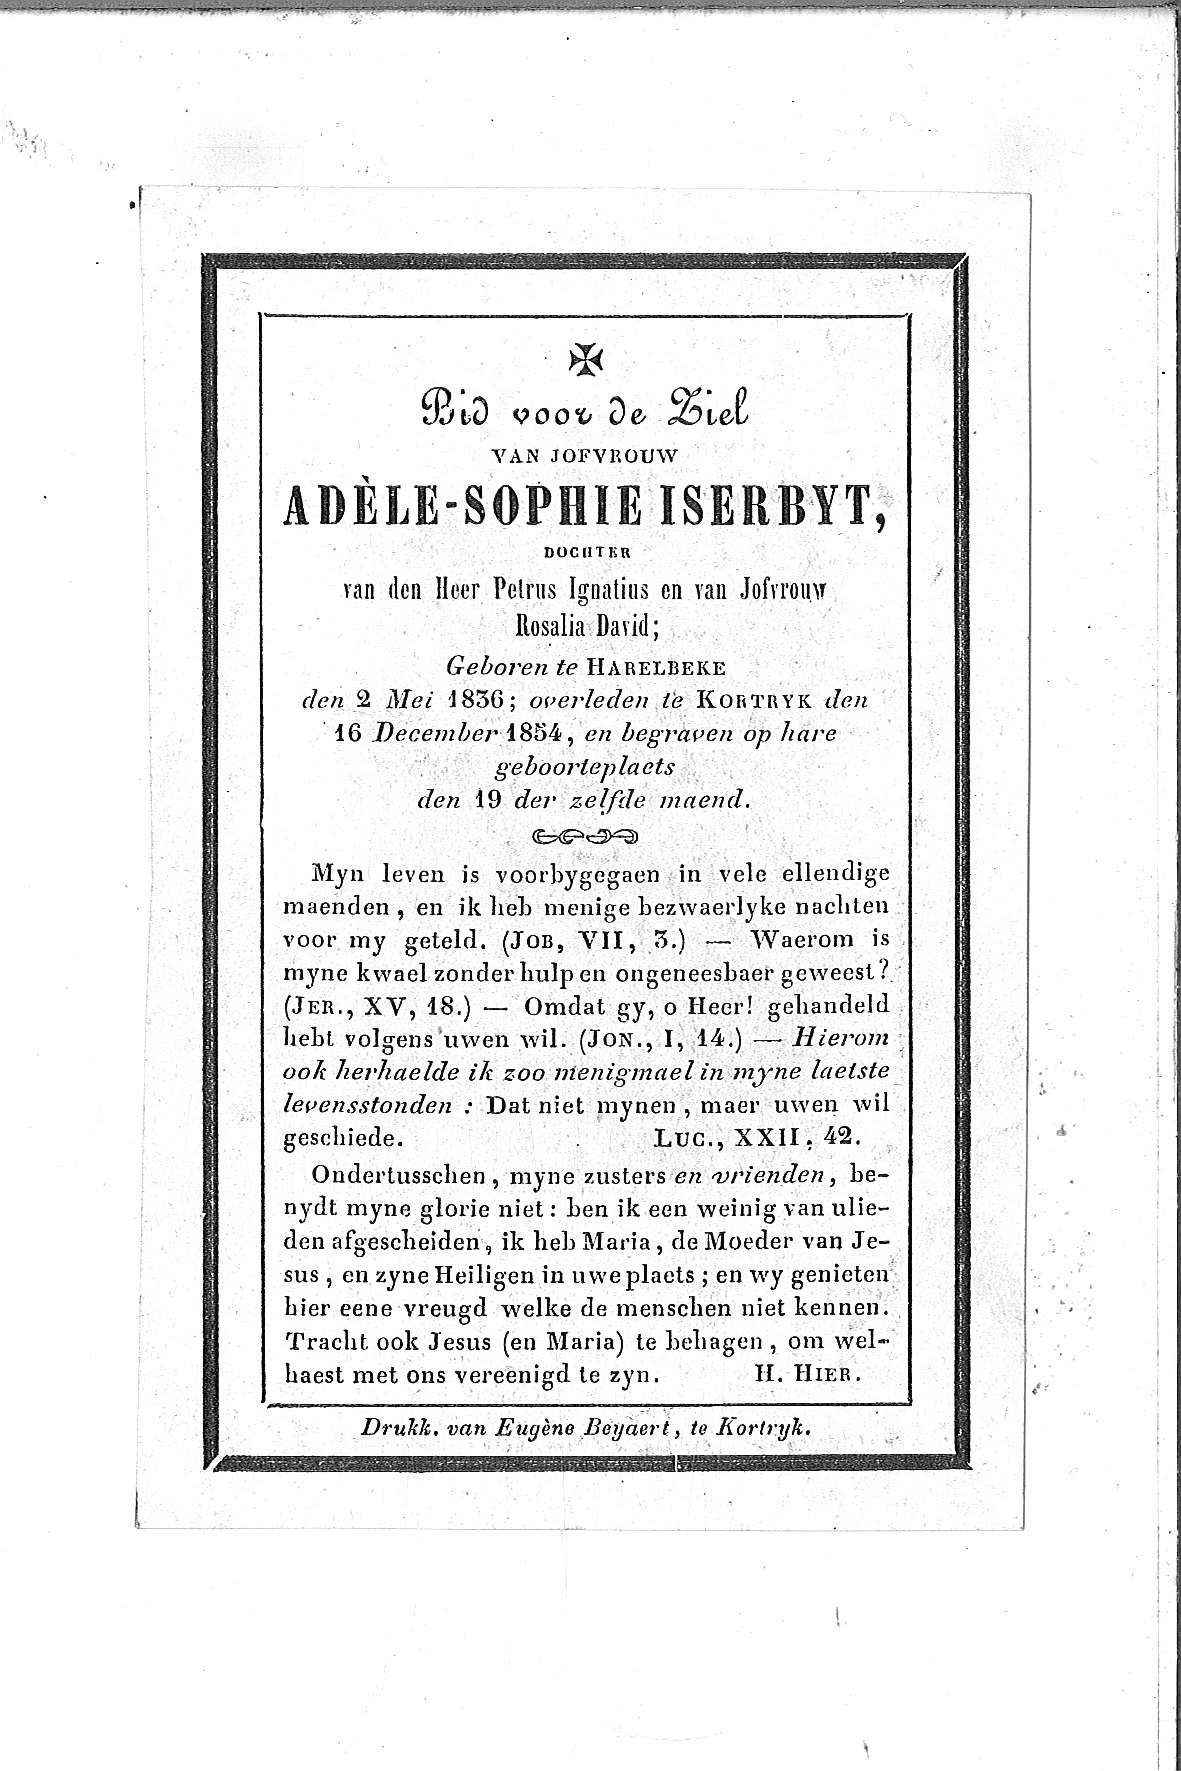 Adèle-Sophie(1854)20140826101009_00005.jpg